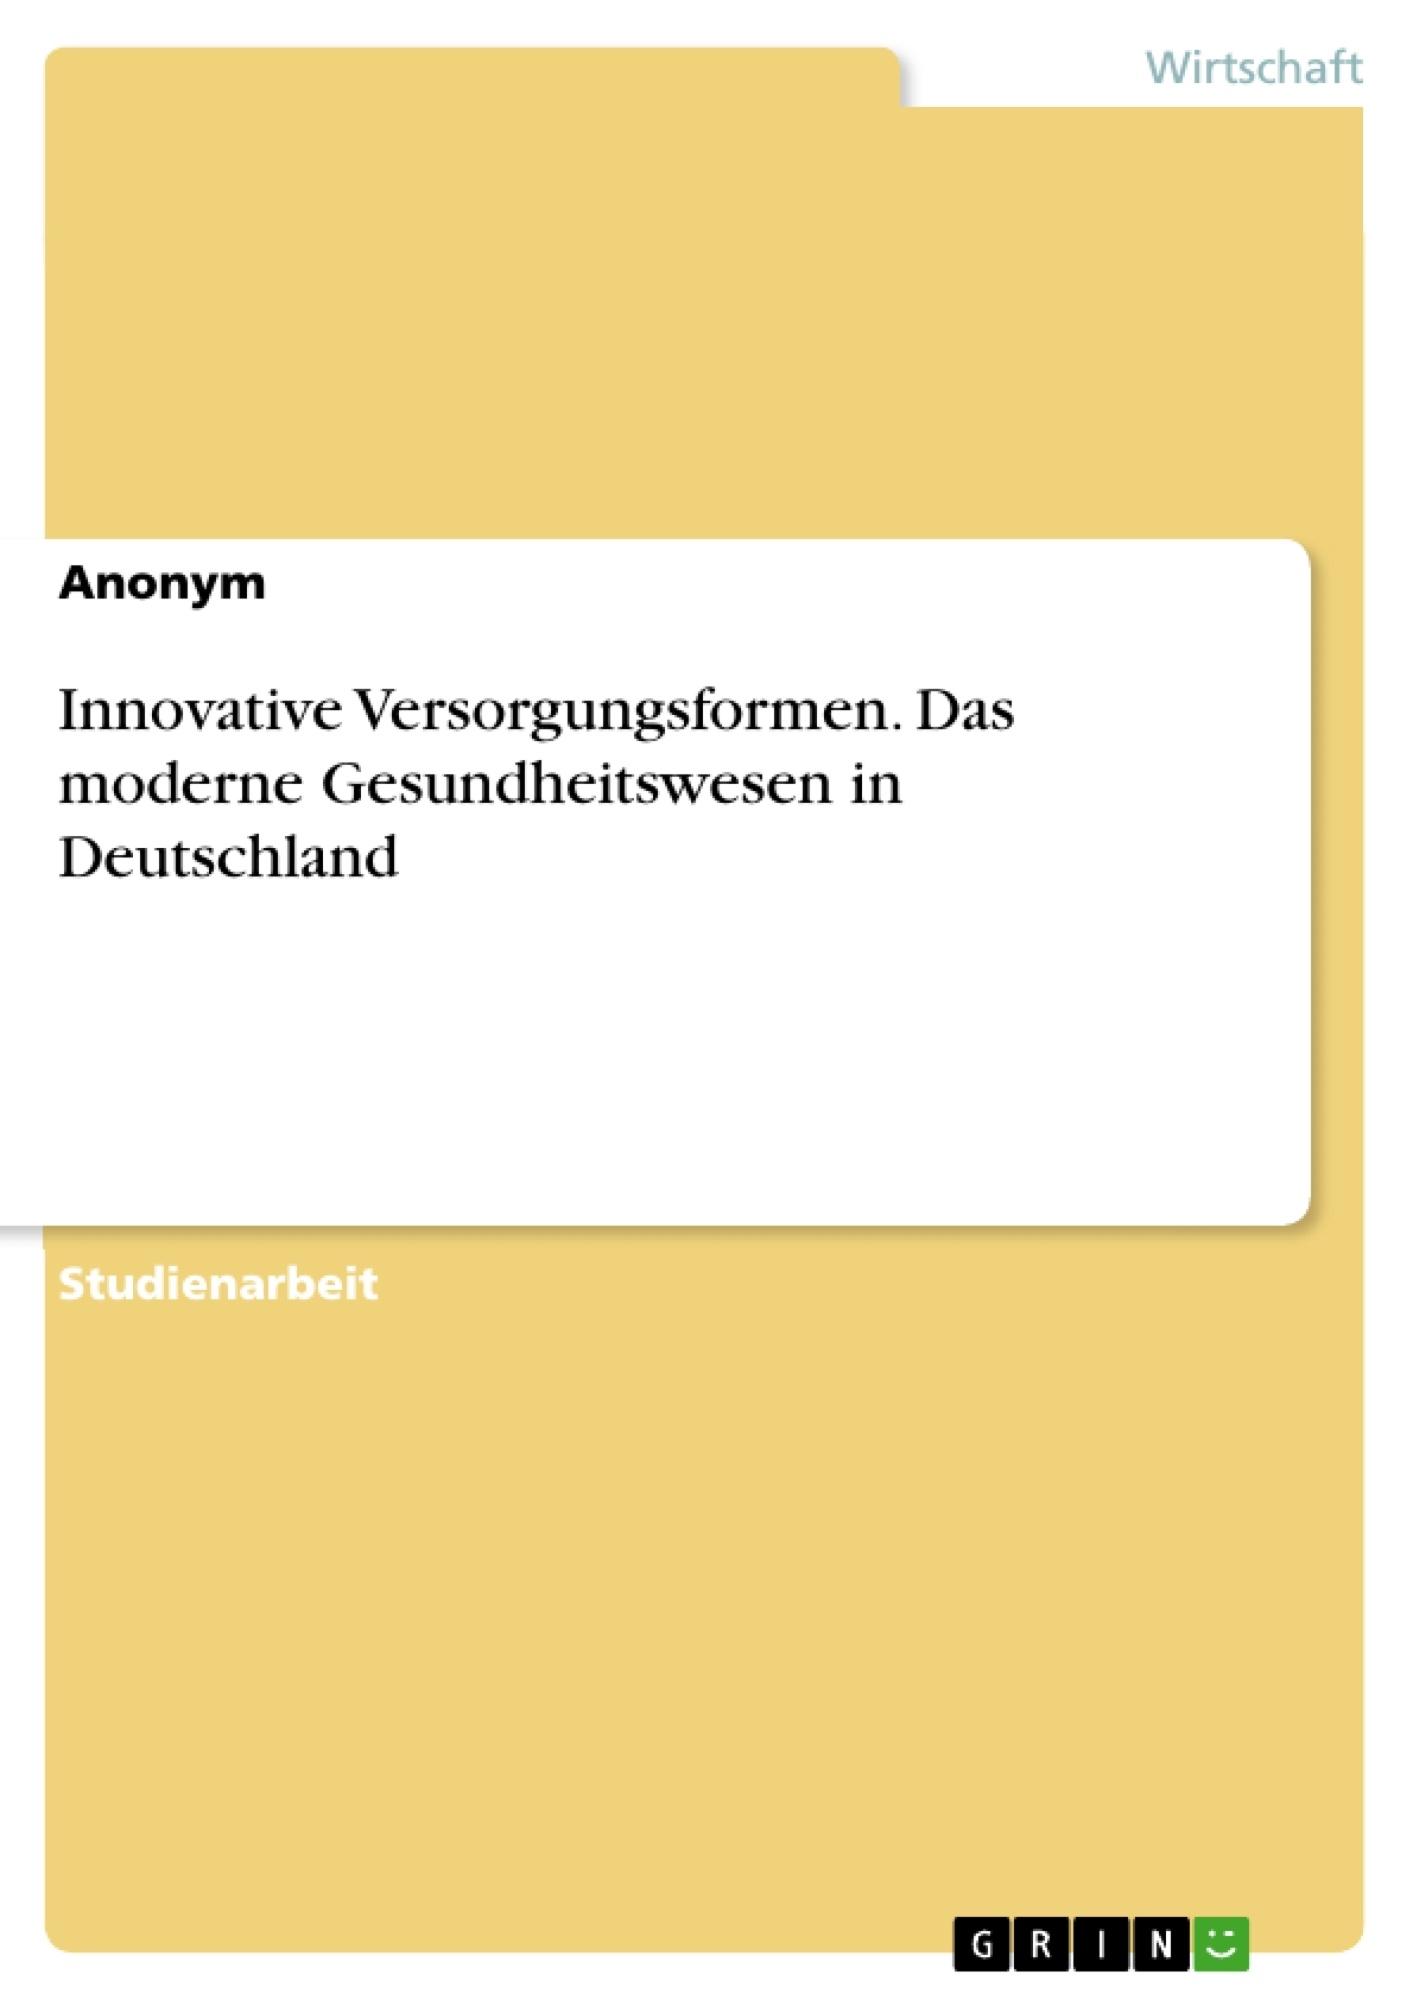 Titel: Innovative Versorgungsformen. Das moderne Gesundheitswesen in Deutschland